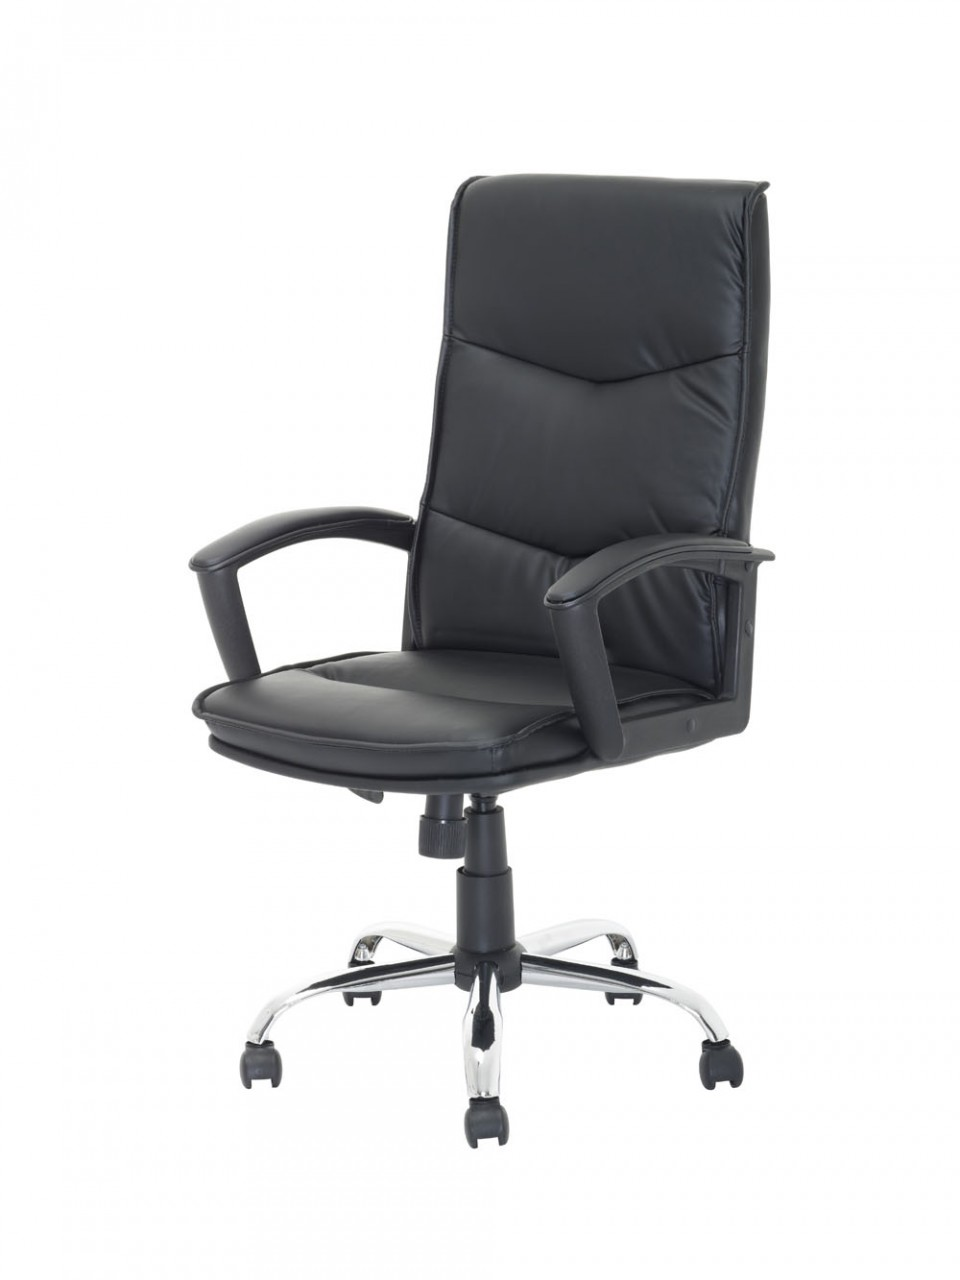 fauteuil de direction rian achat fauteuils de direction 99 00. Black Bedroom Furniture Sets. Home Design Ideas